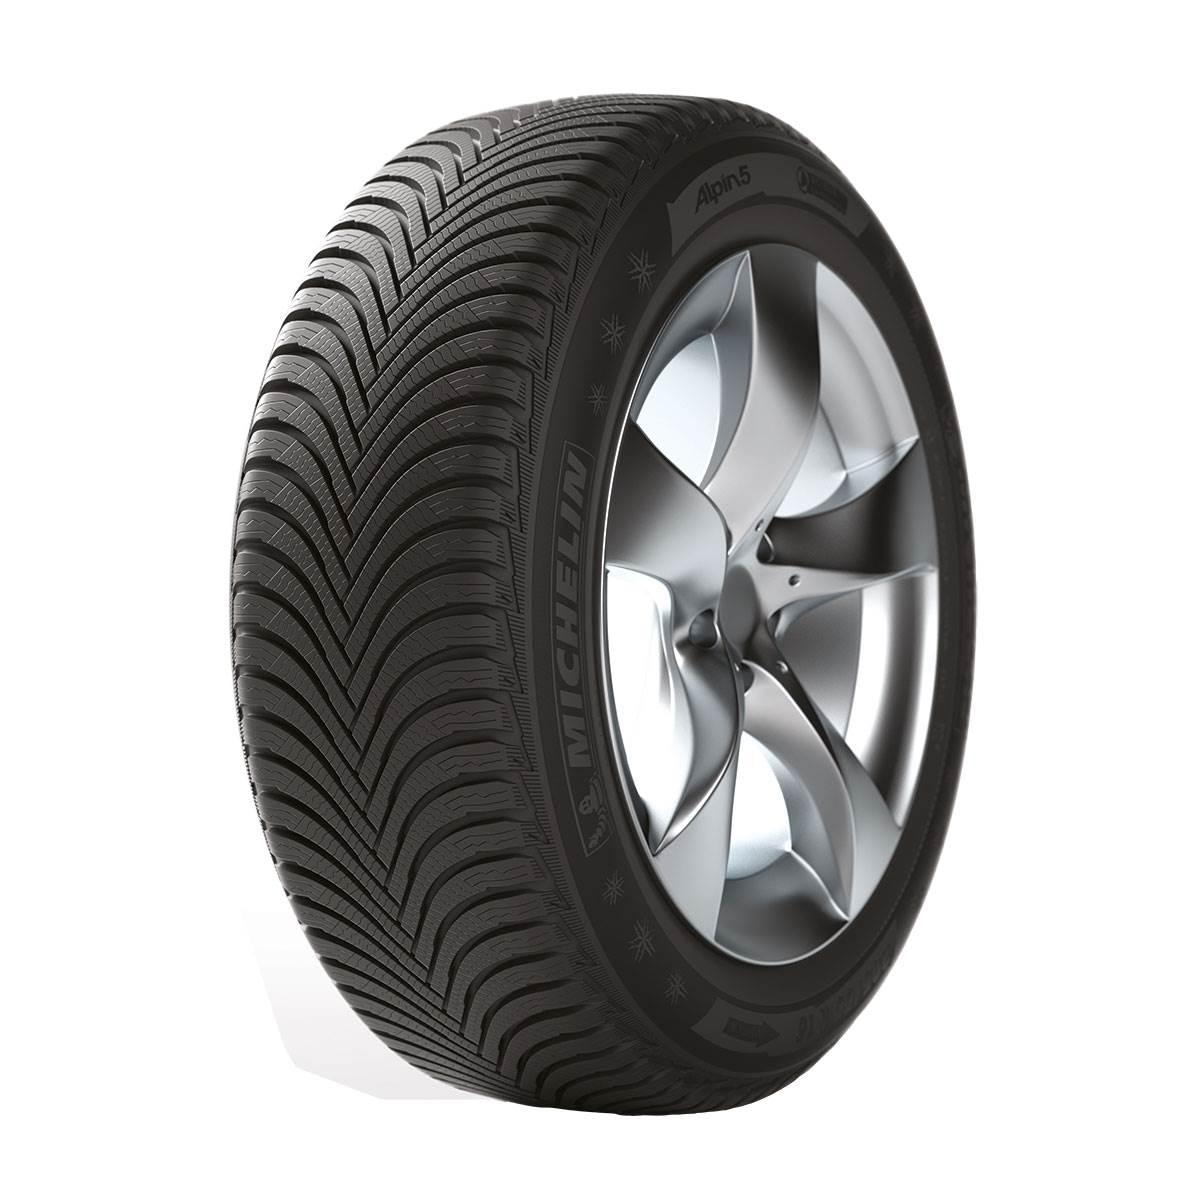 Pneu Hiver Michelin 225/50R16 96H Alpin A5 XL